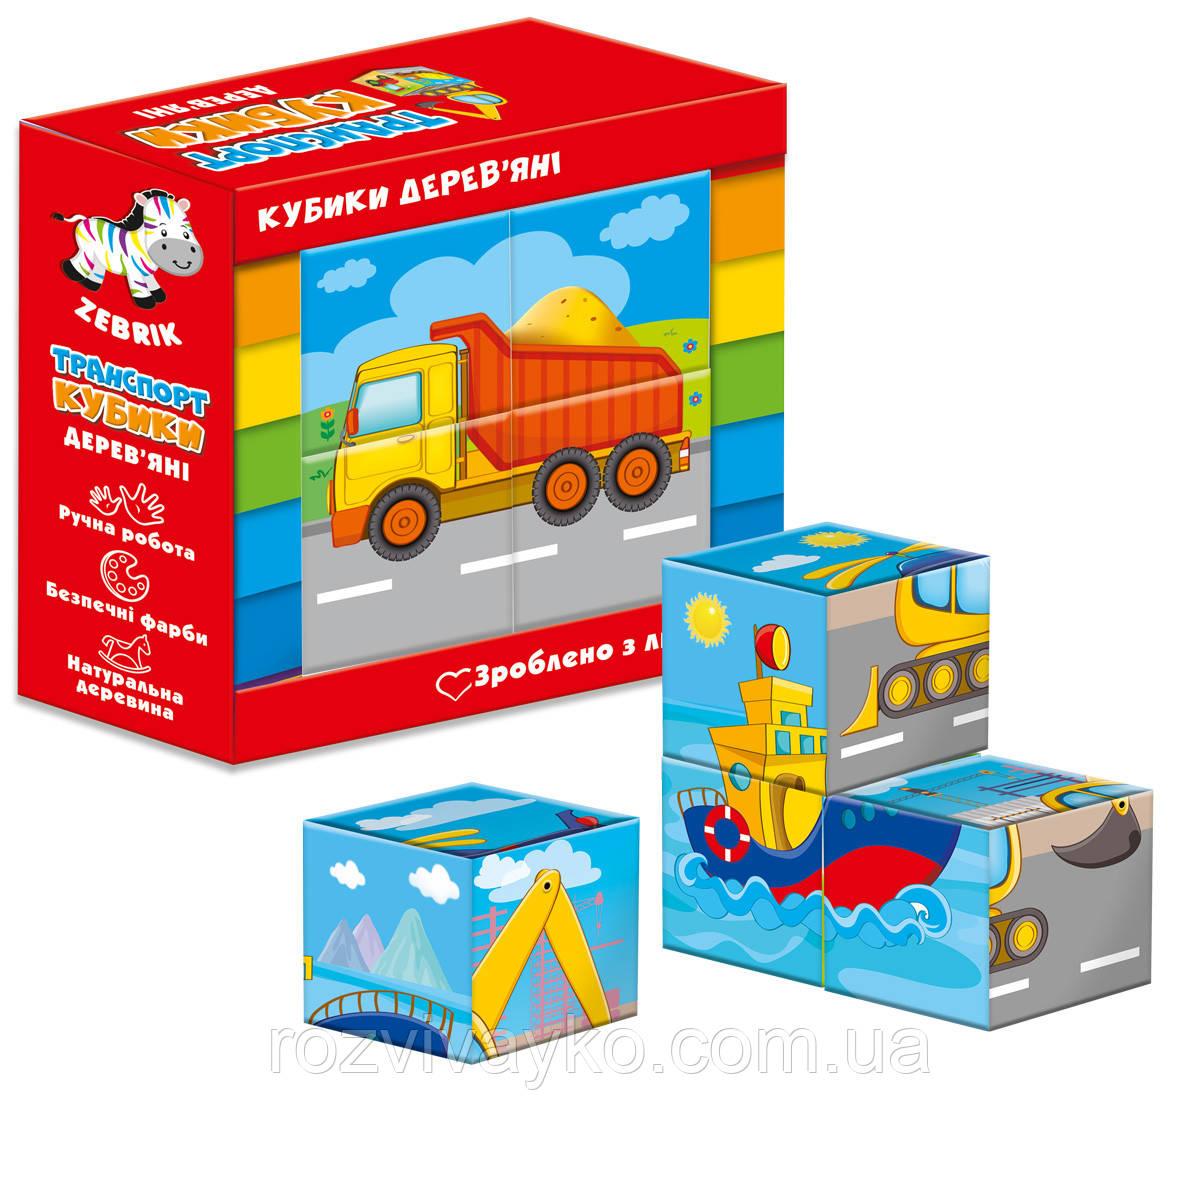 Деревянные кубики сложи рисунок Транспорт Zebrik